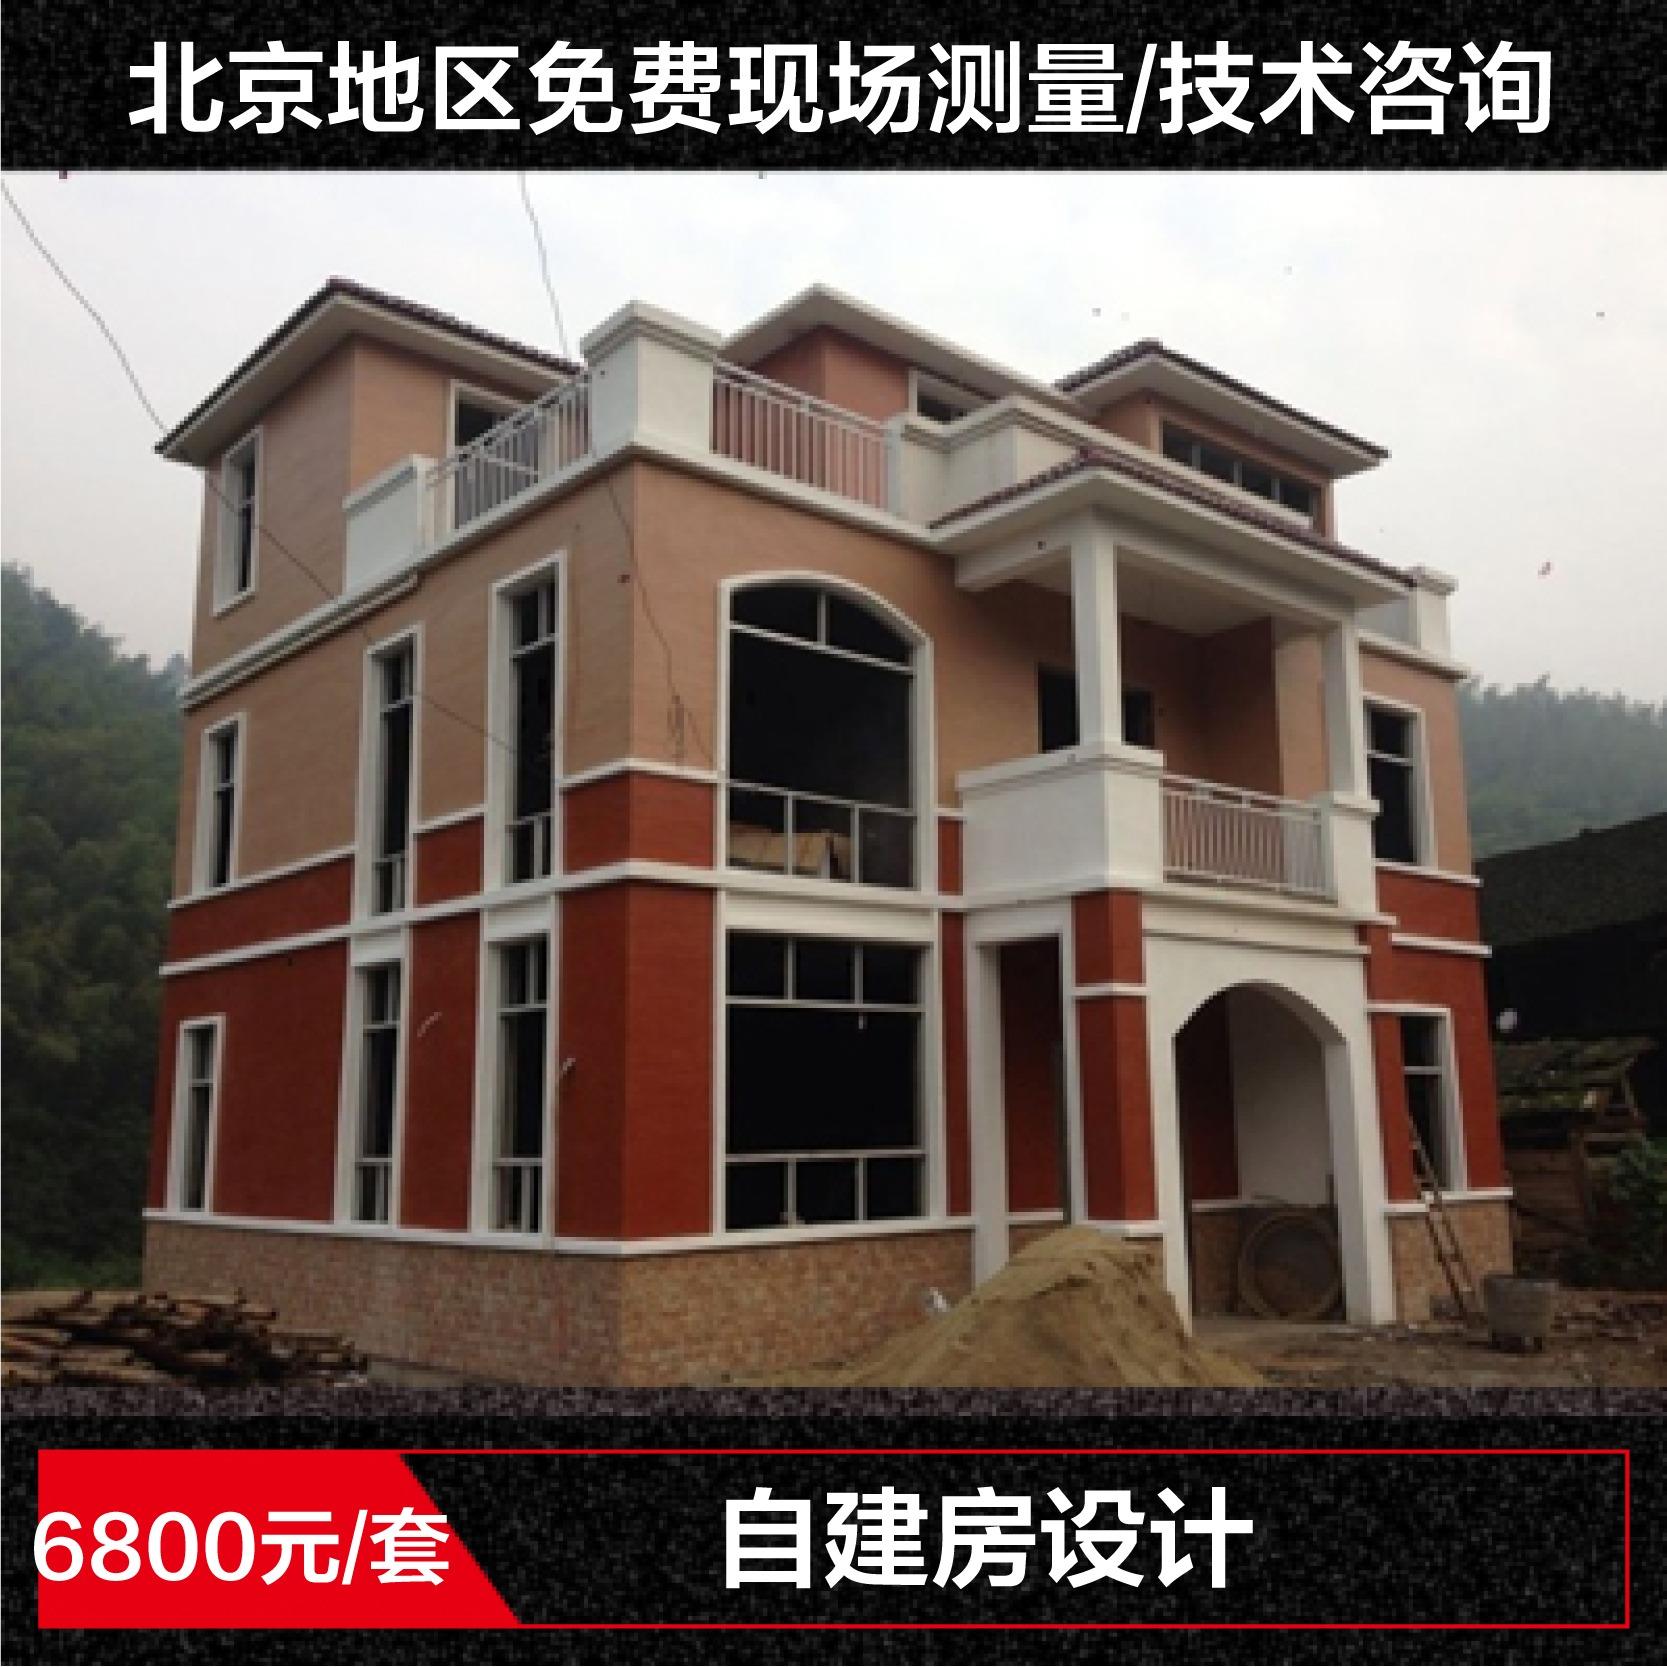 自建房设计,全套施工图 ,≤400平米收费,北京地区提供现场